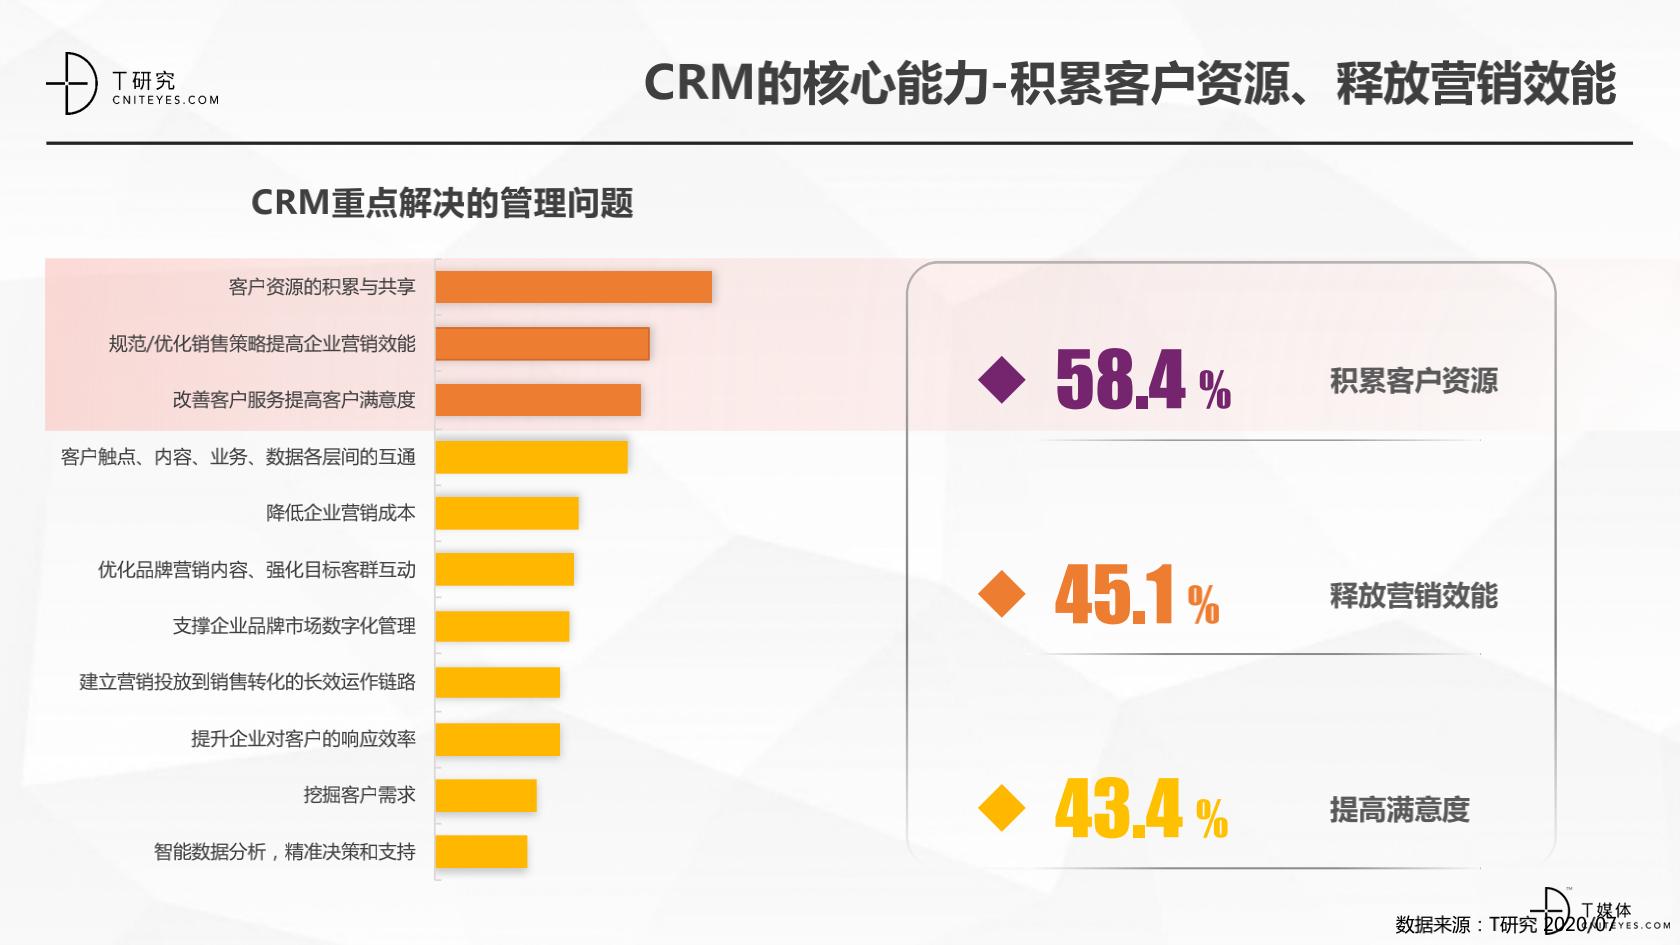 2_2020中国CRM指数测评报告v1.5_06.png